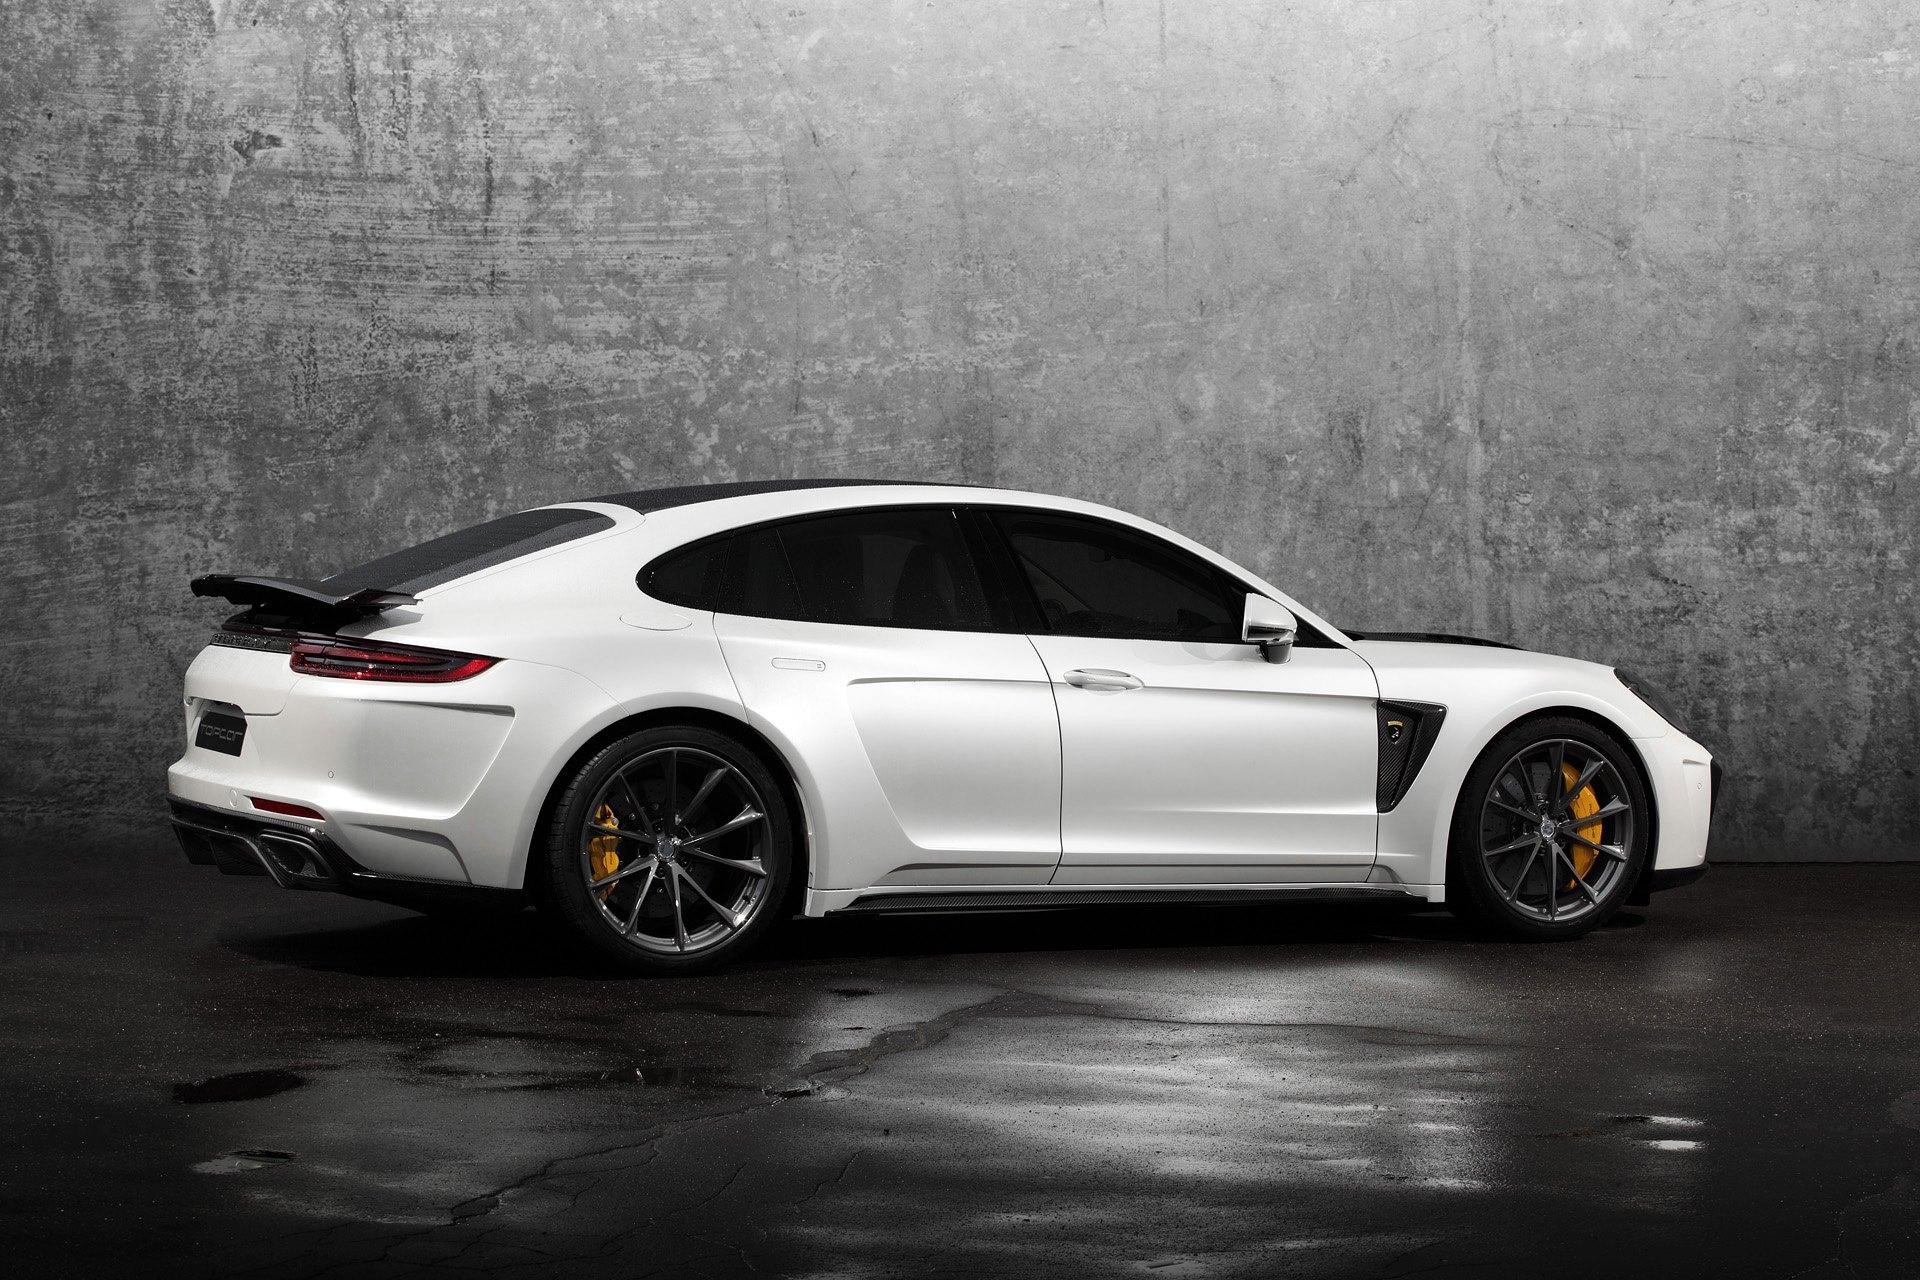 2017 Porsche Panamera Turbo Tuned By Topcar